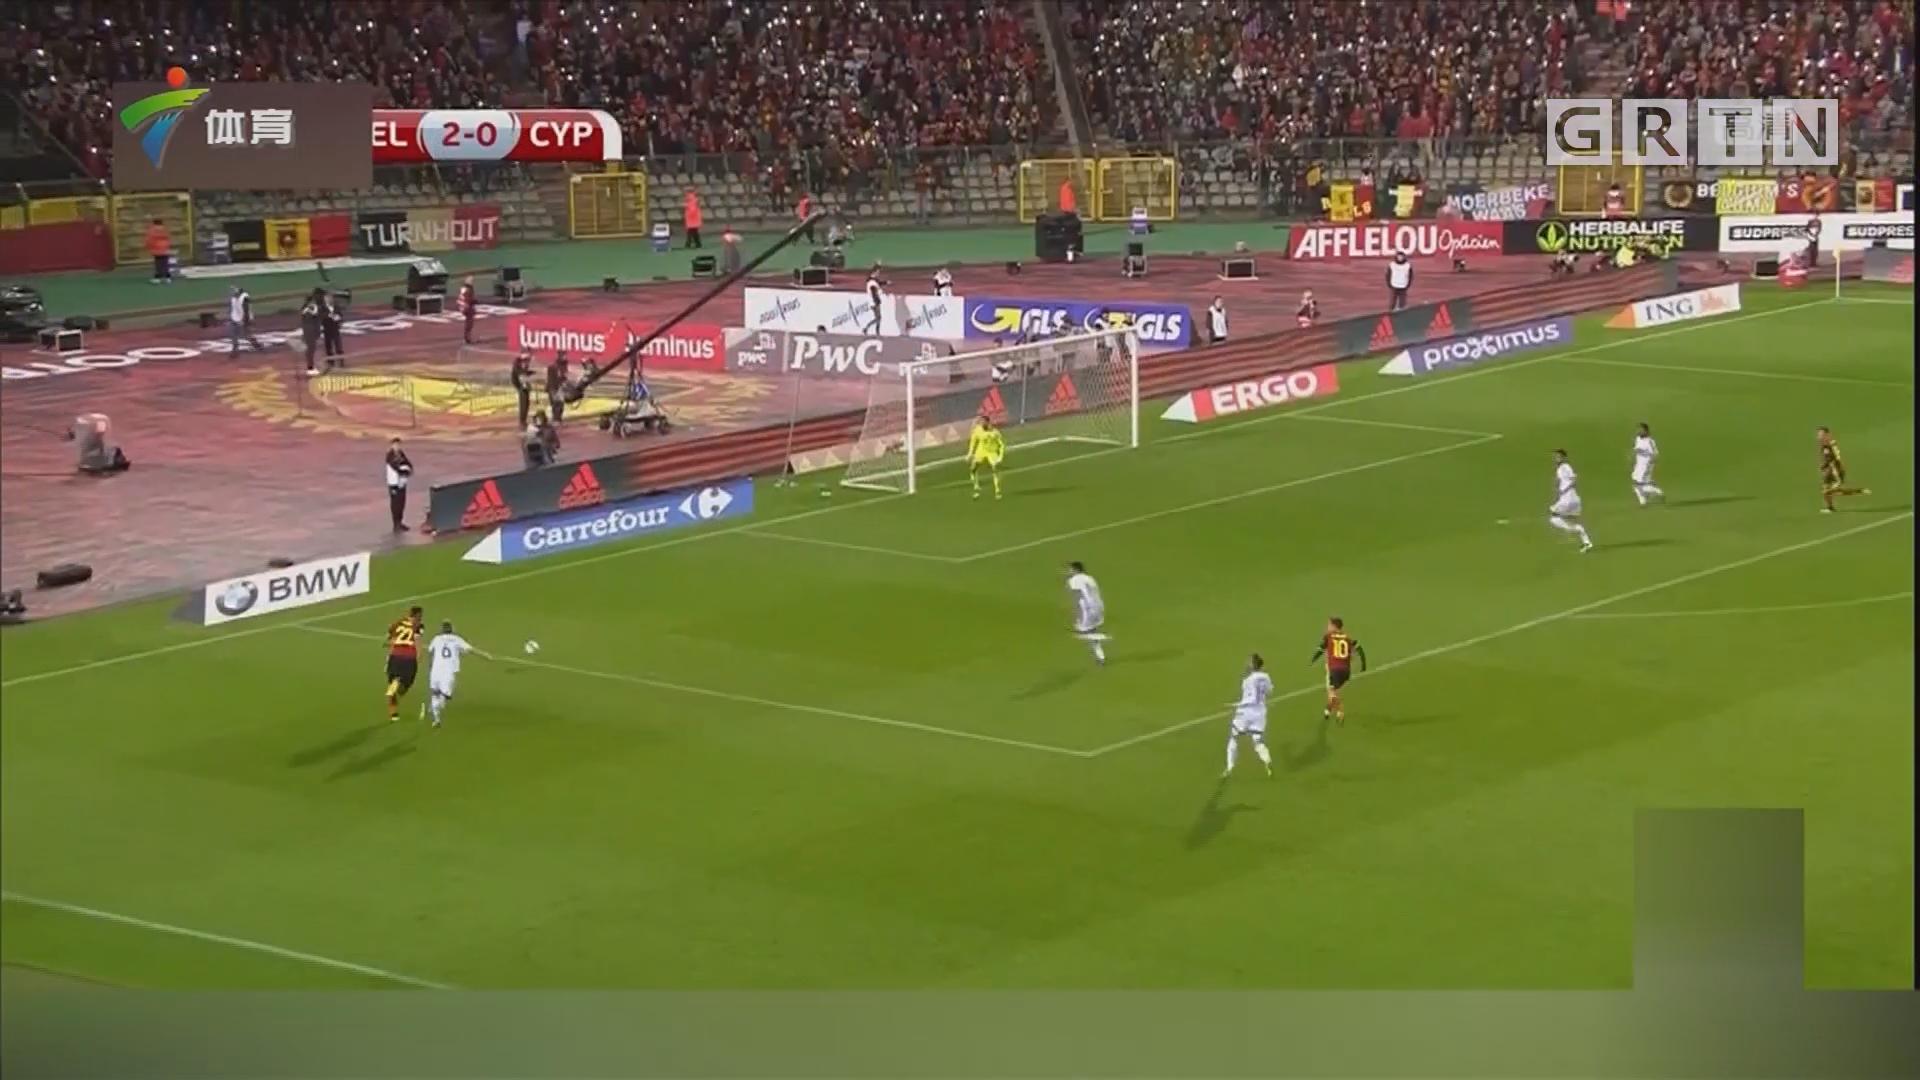 4球大胜 比利时晋级世界杯